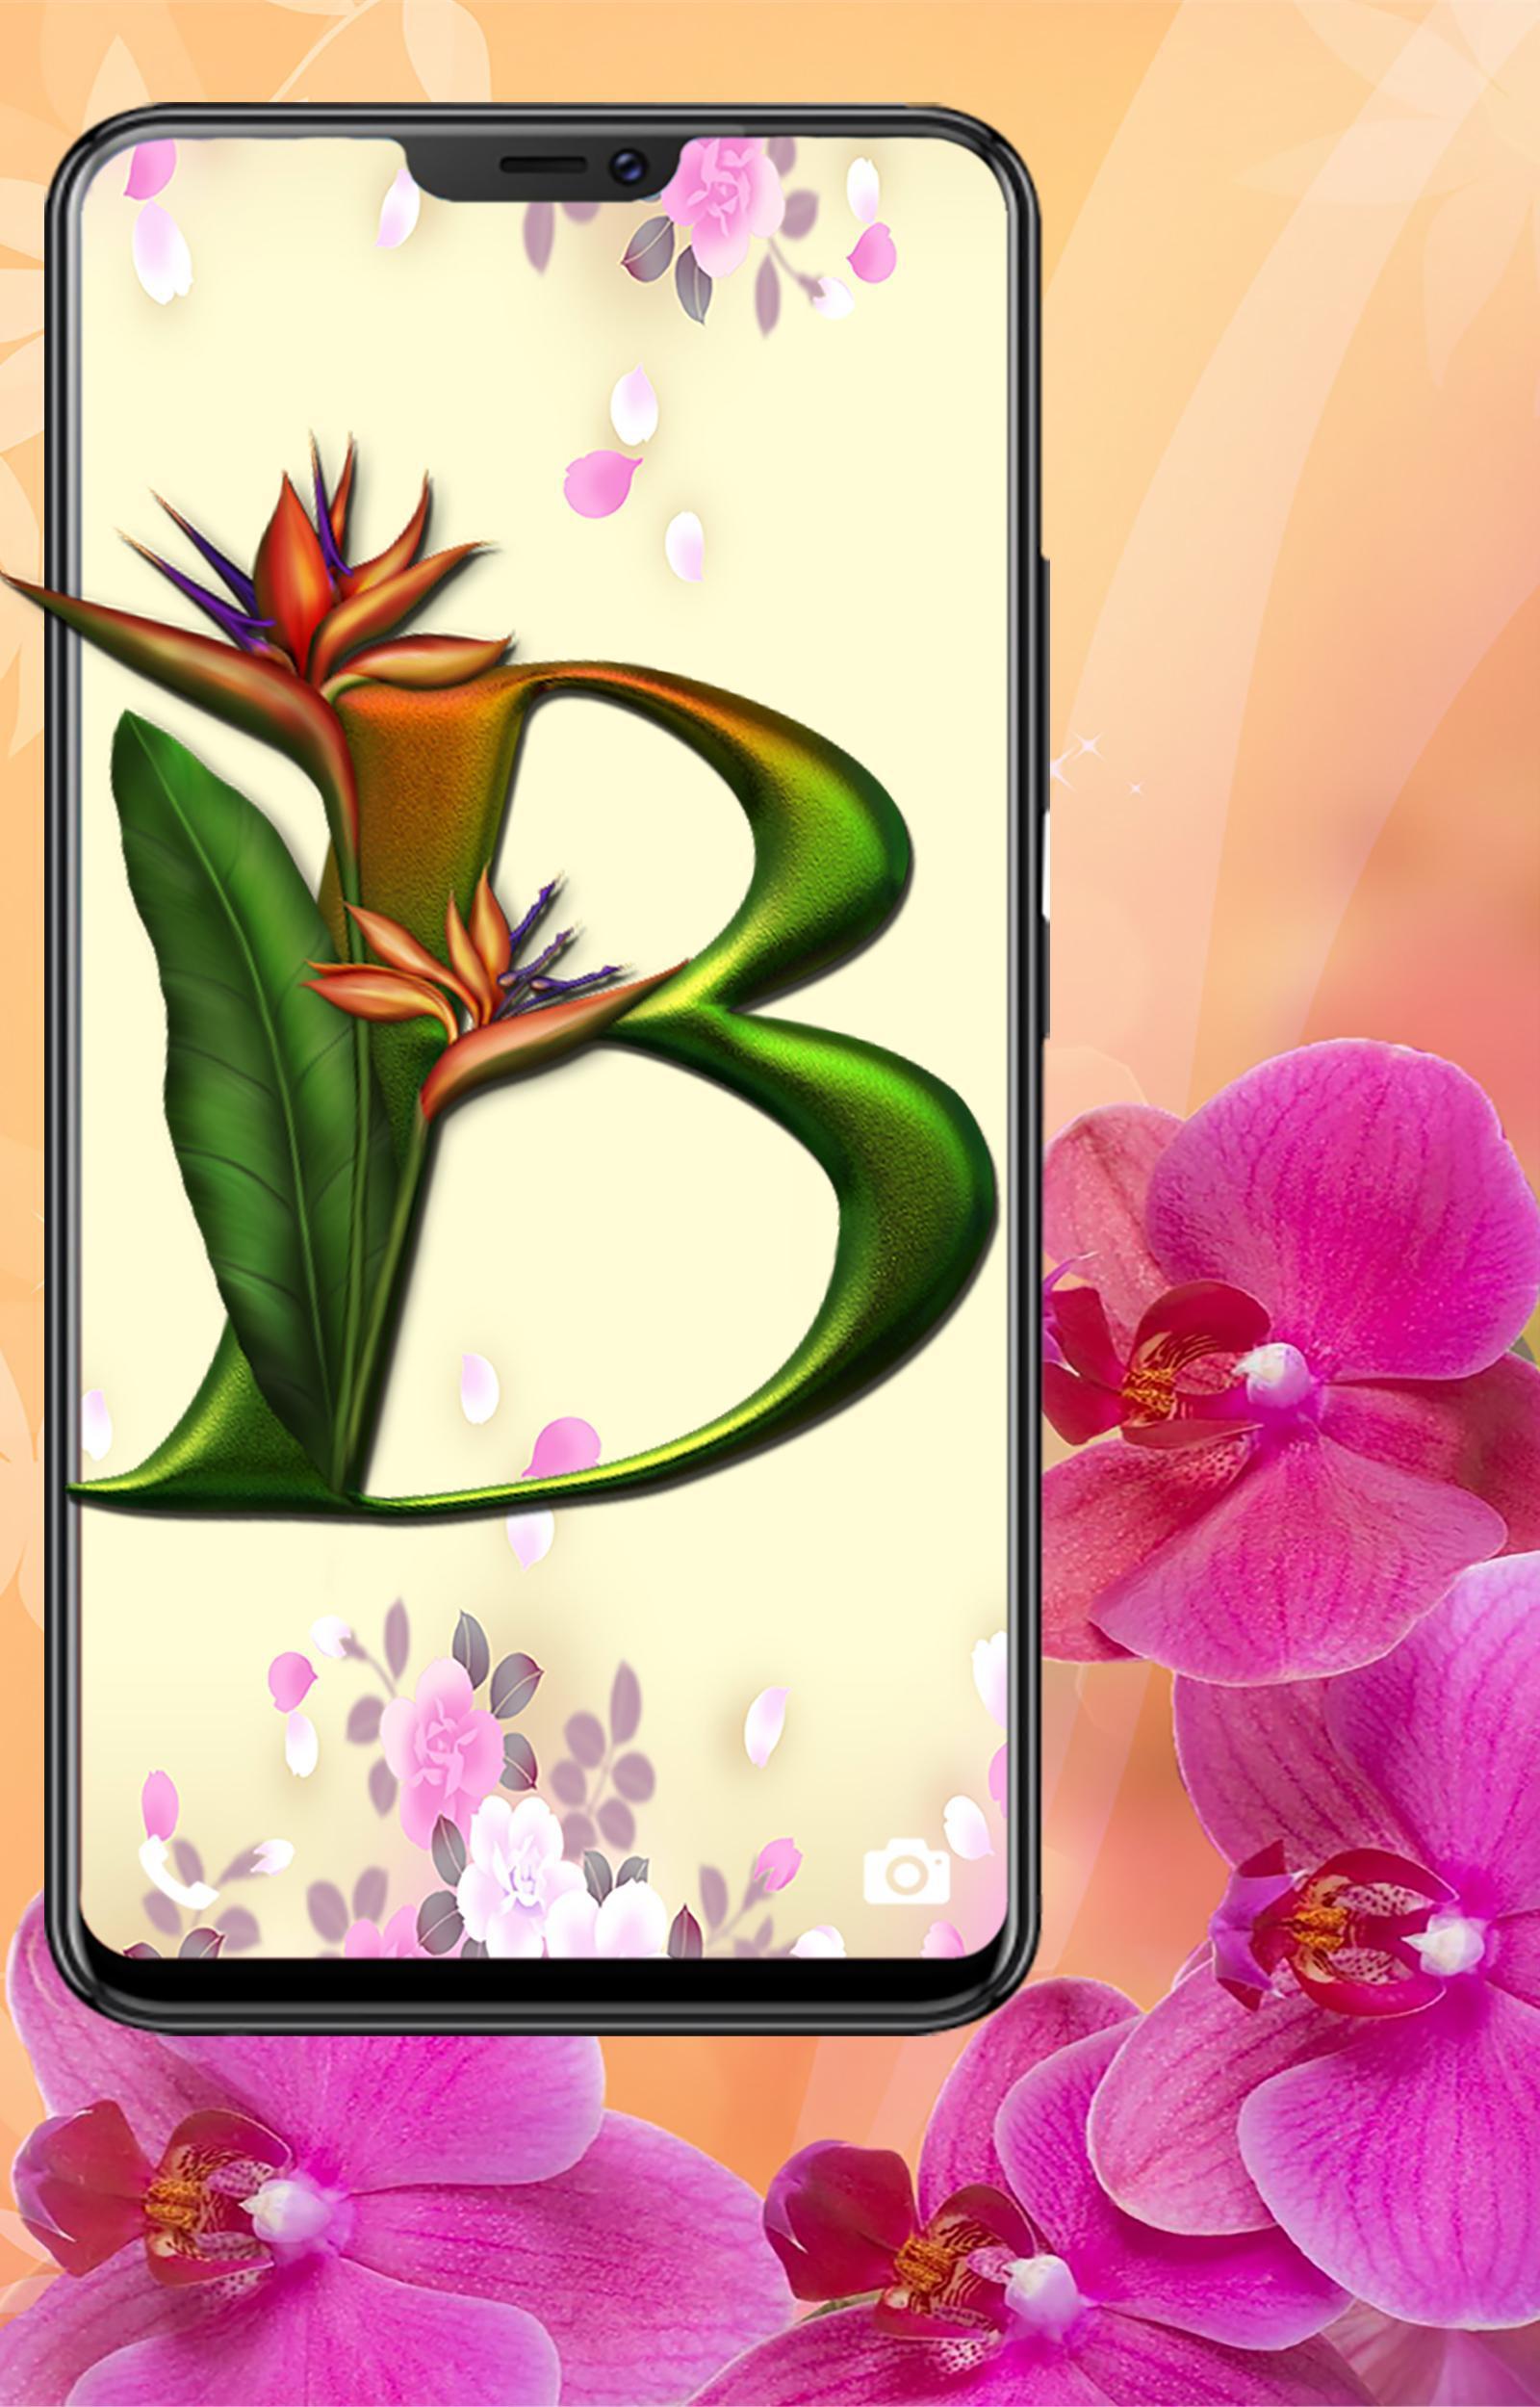 Buchstaben Wallpaper Hd (Blume) Für Android - Apk Herunterladen verwandt mit Blume Mit 6 Buchstaben